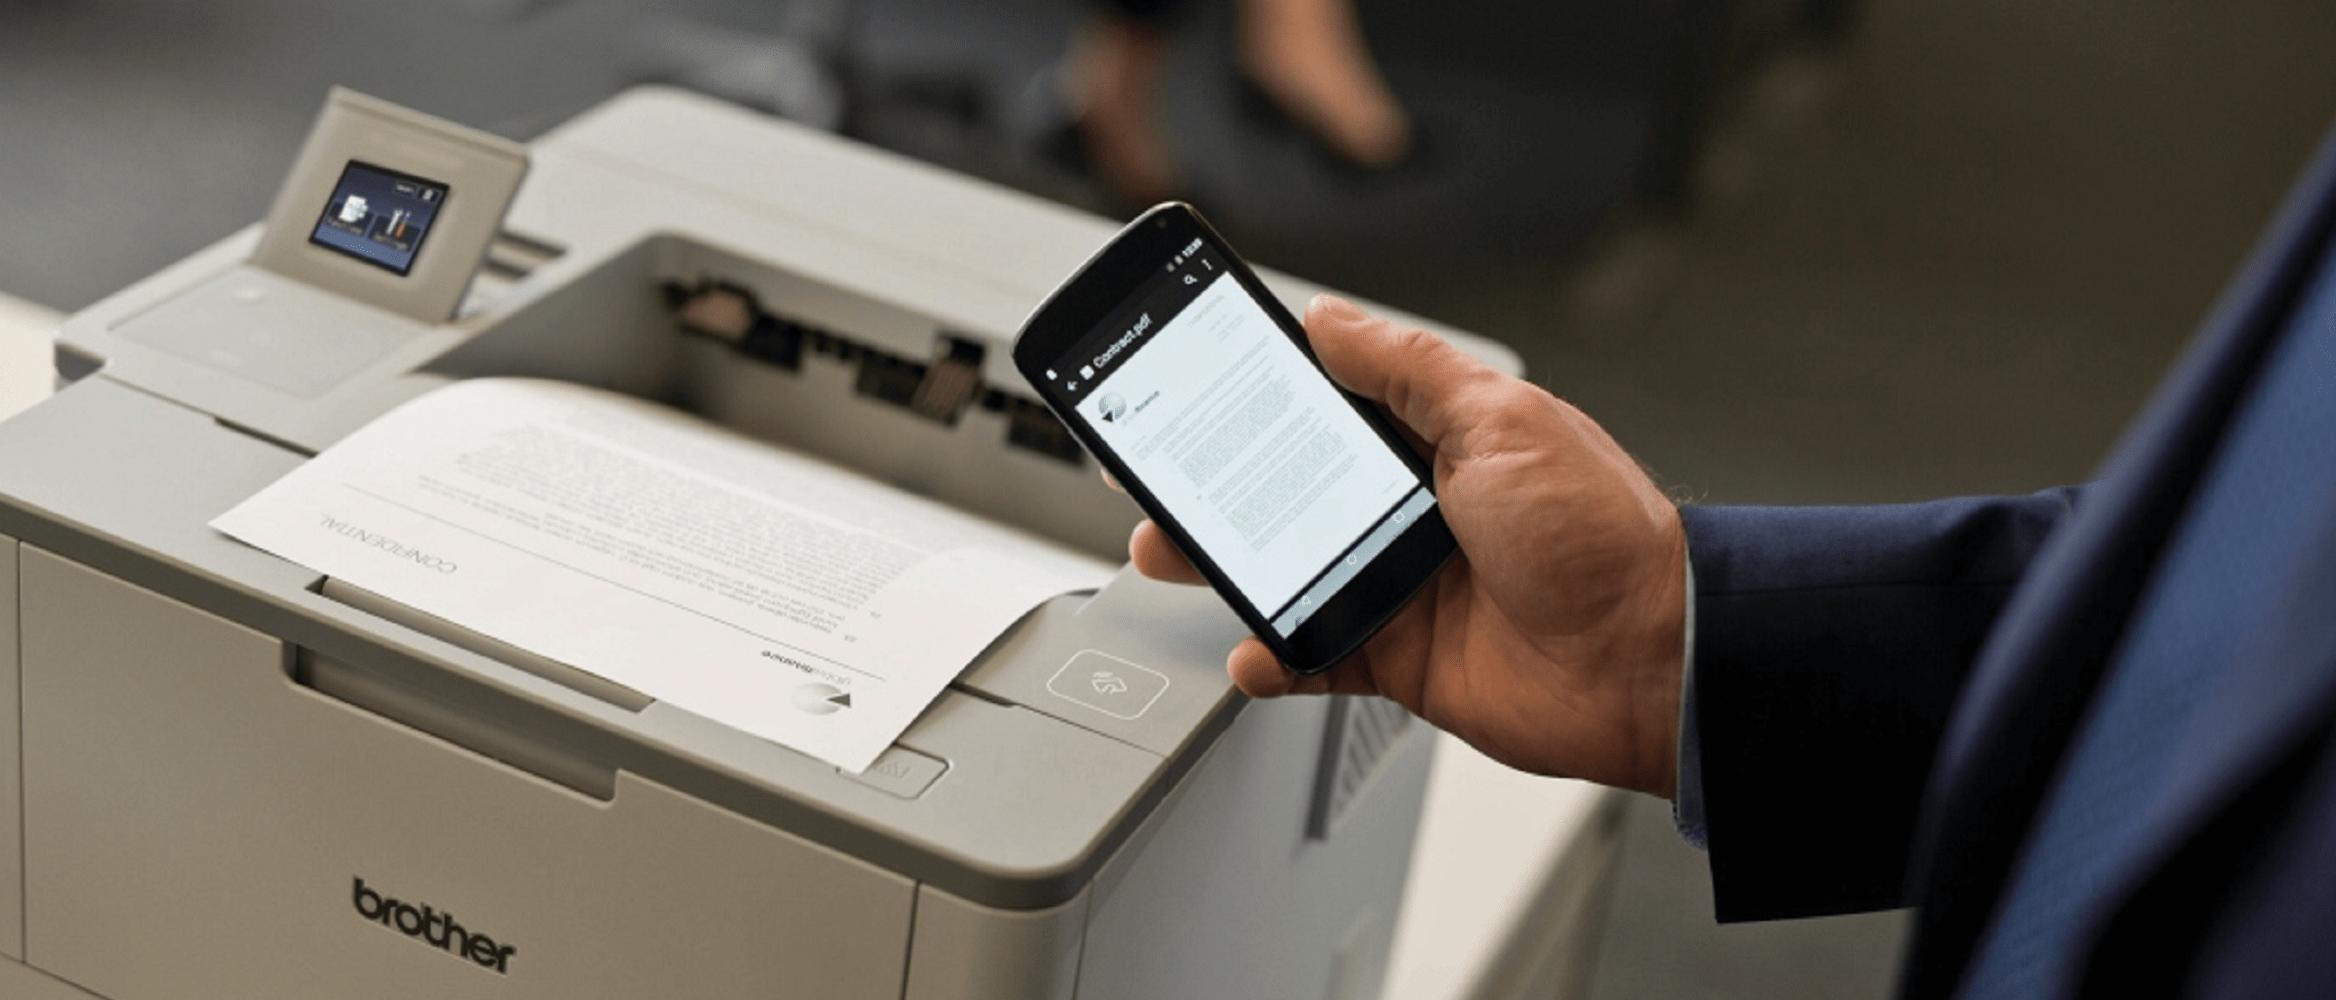 stampante compatibile con wi-fi direct tecnologia wireless per smartphone